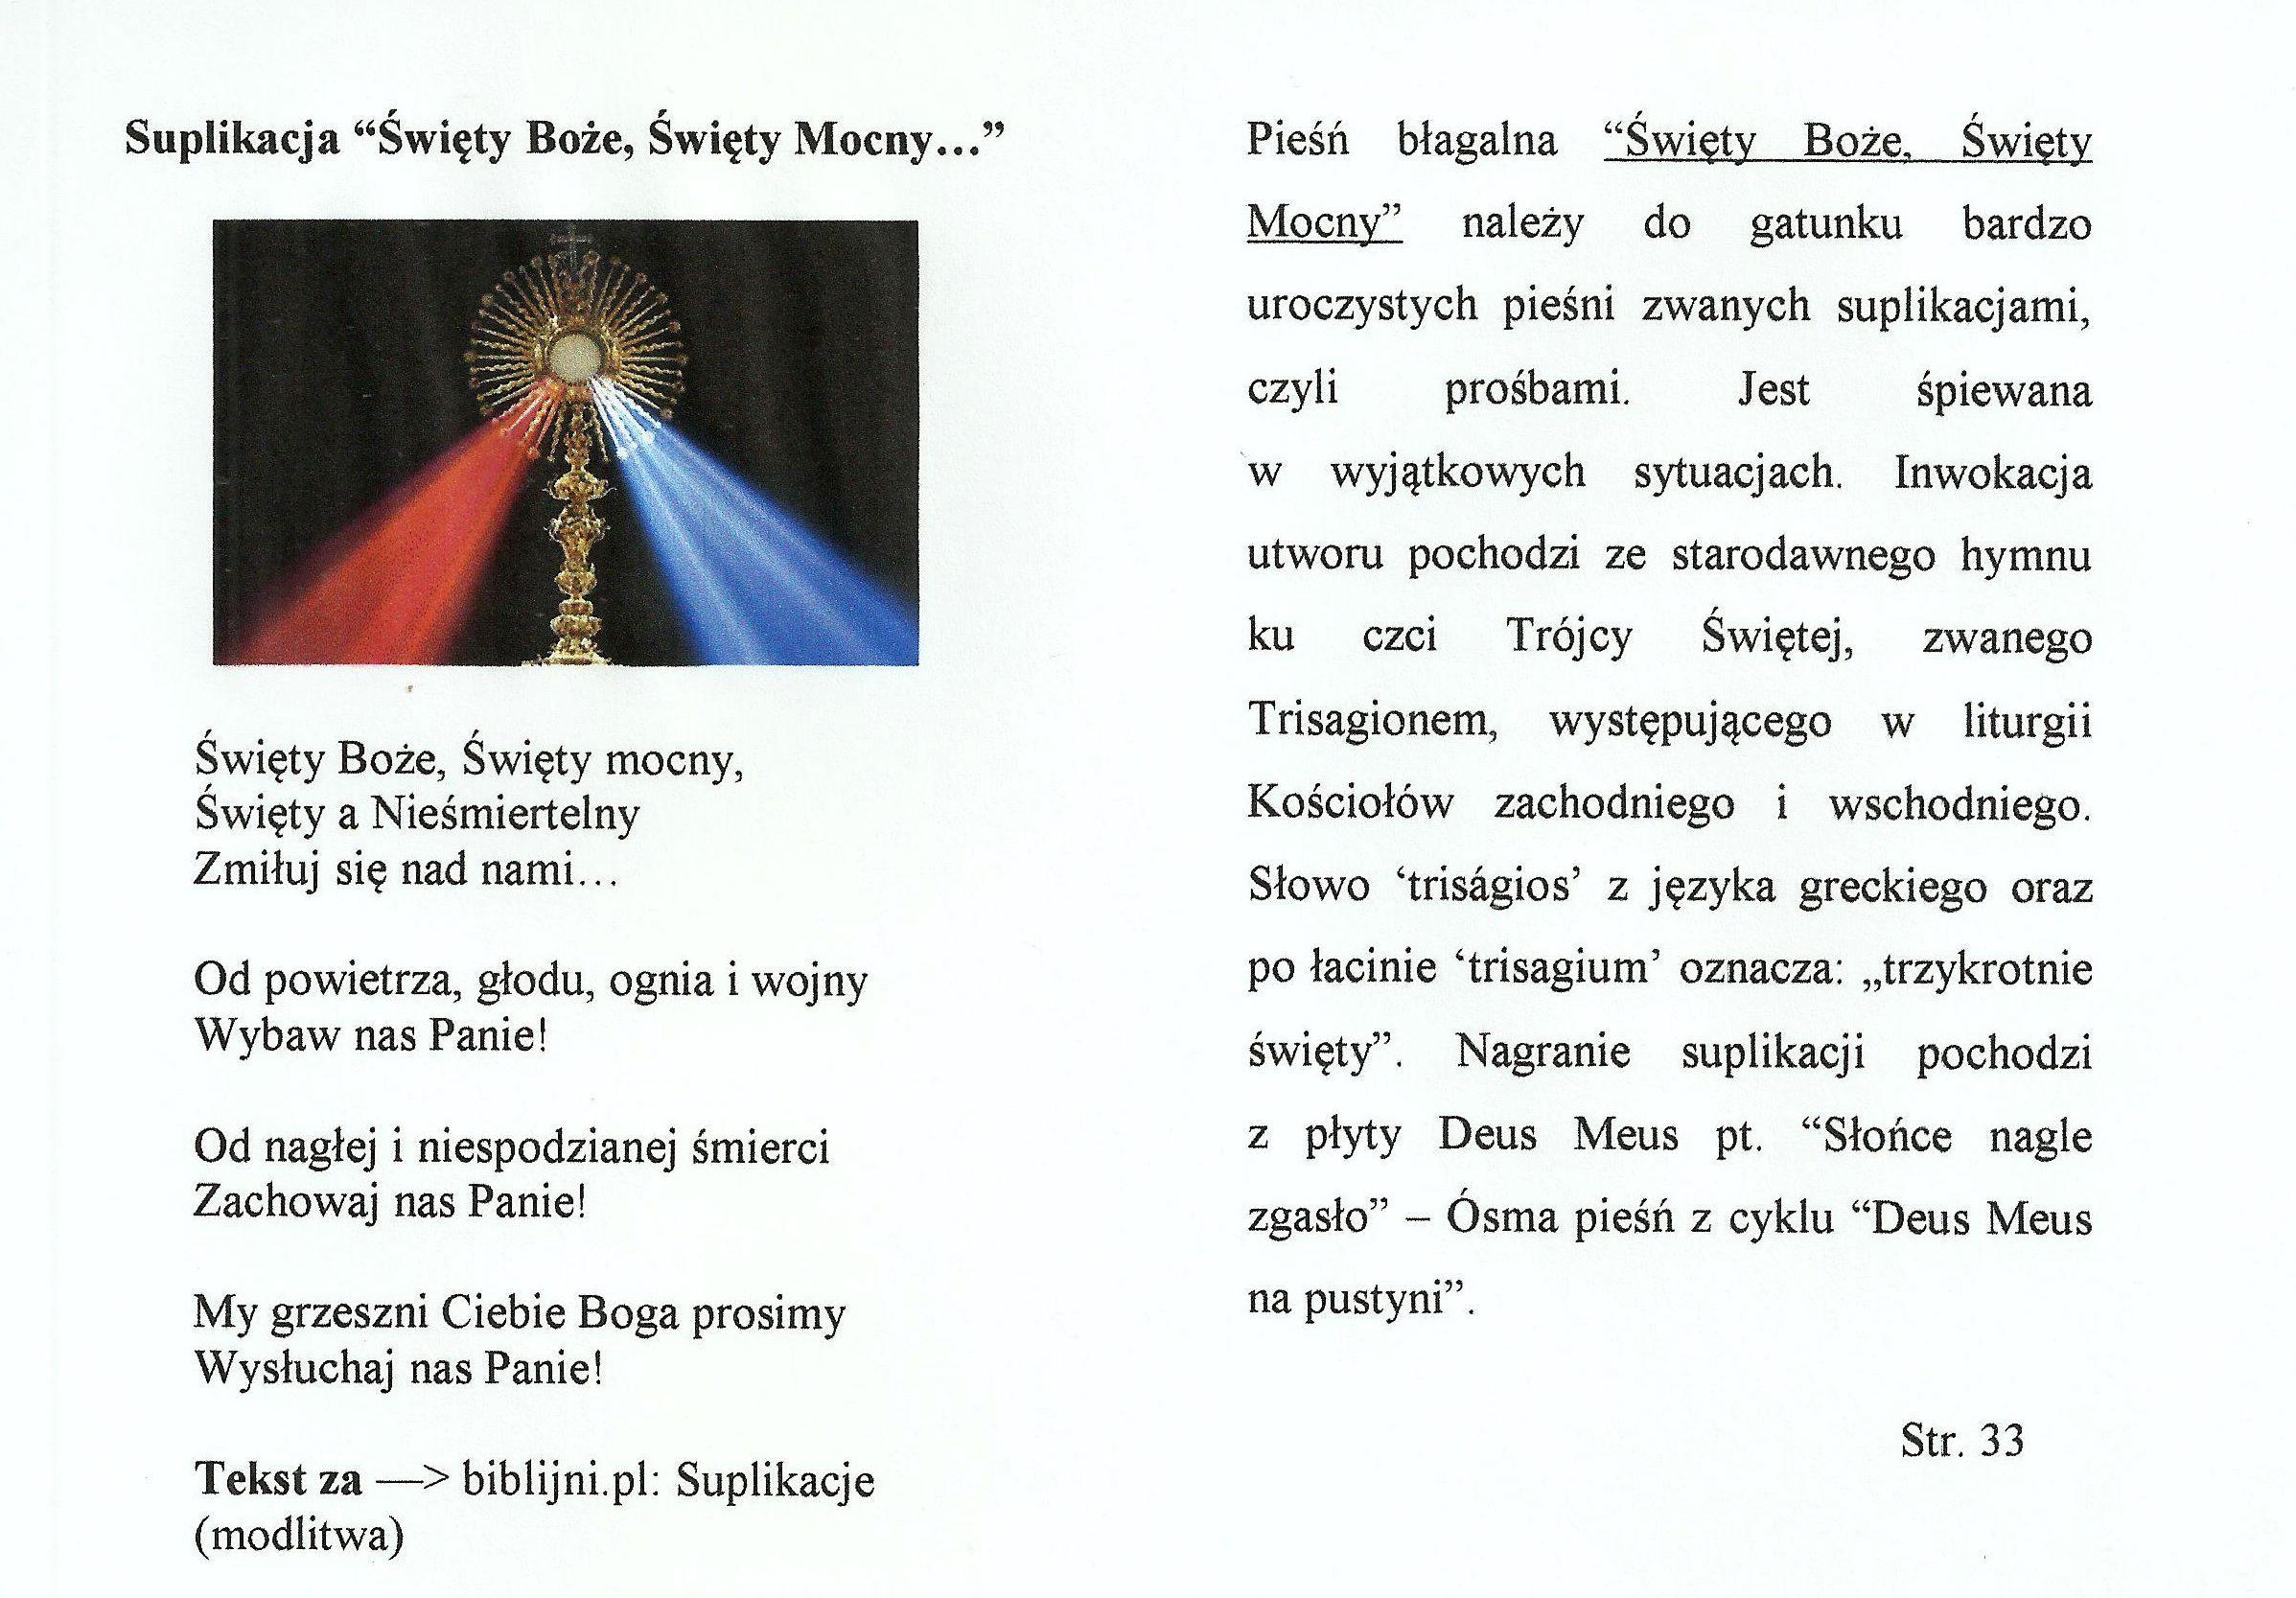 Str. 33